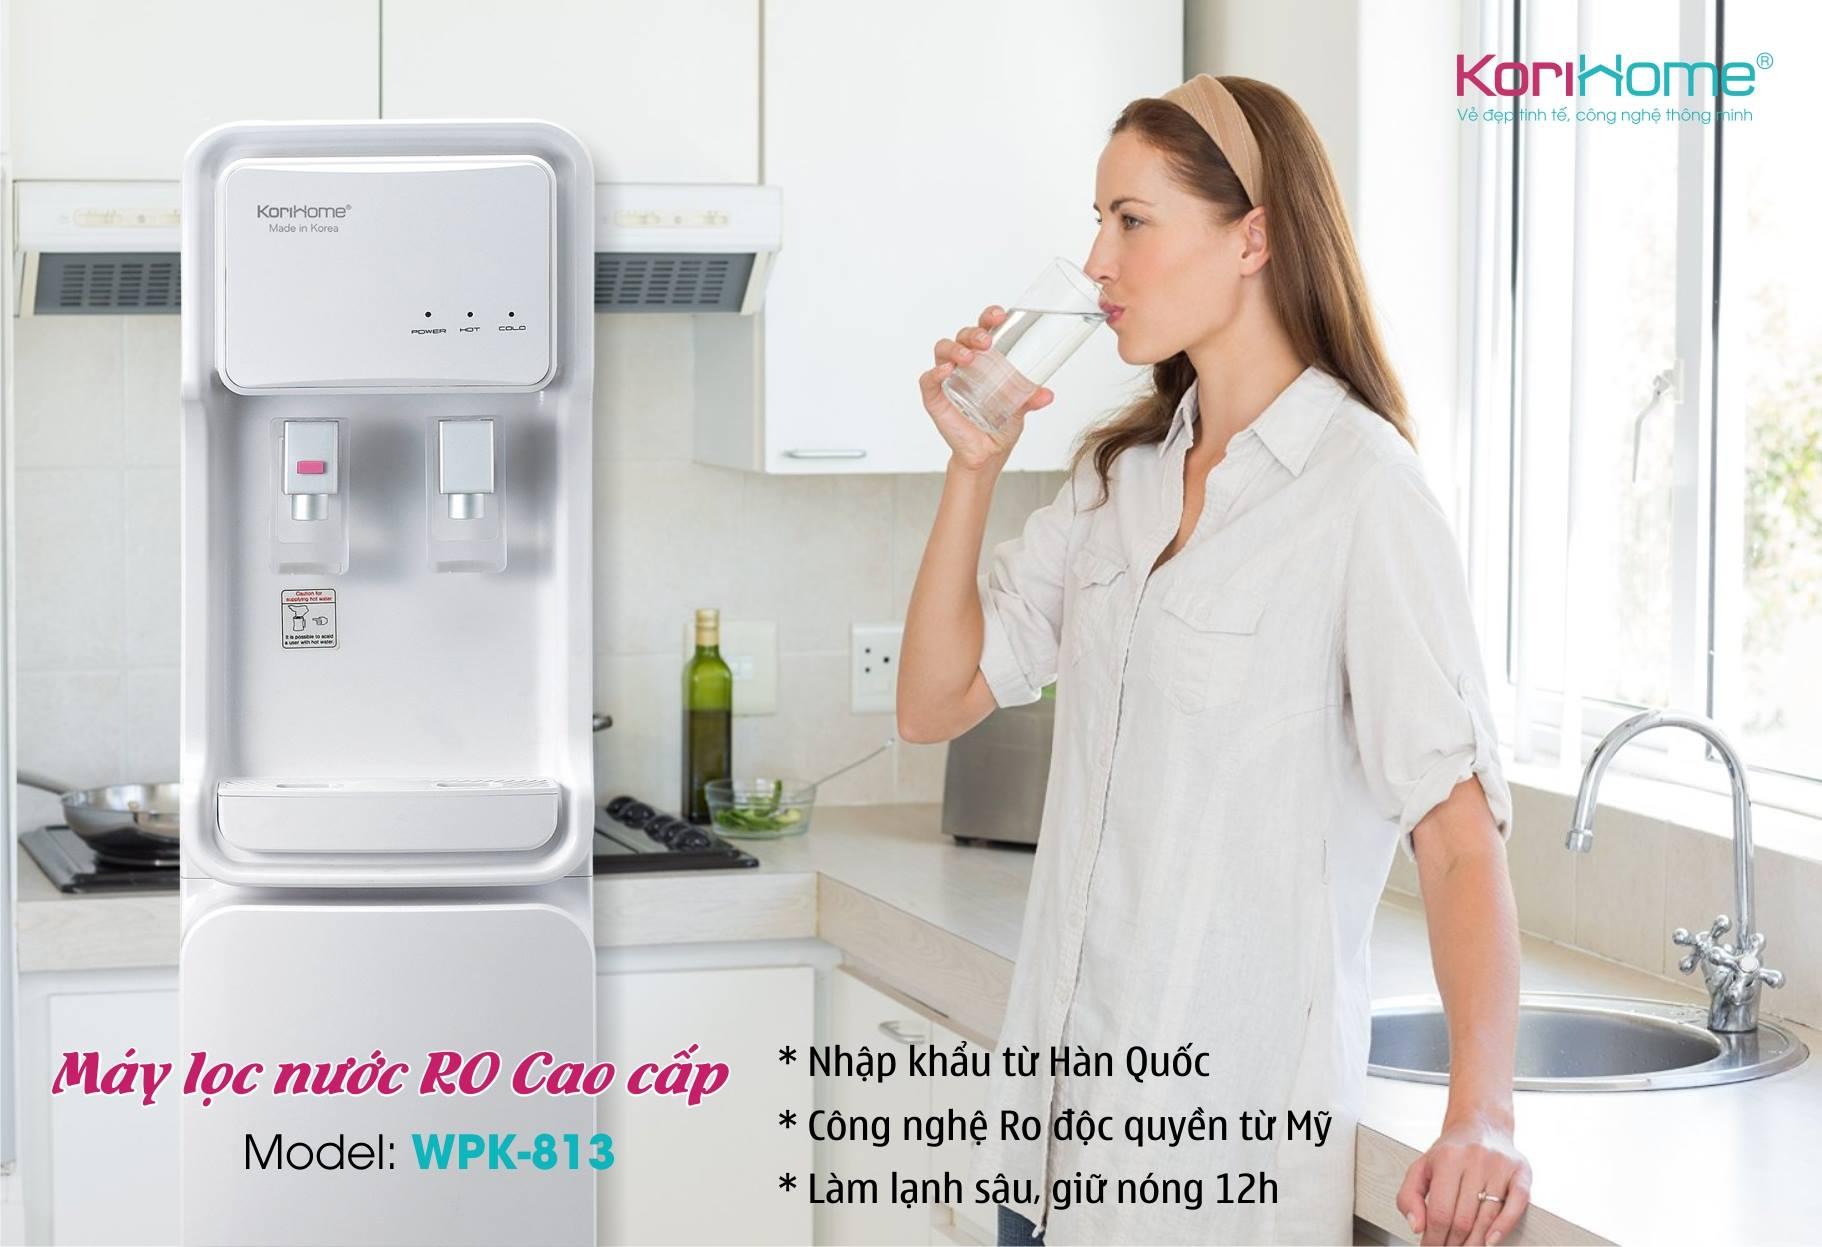 Máy lọc nước tích hợp nóng lạnh KoriHome WPK-813 (Ảnh 4)